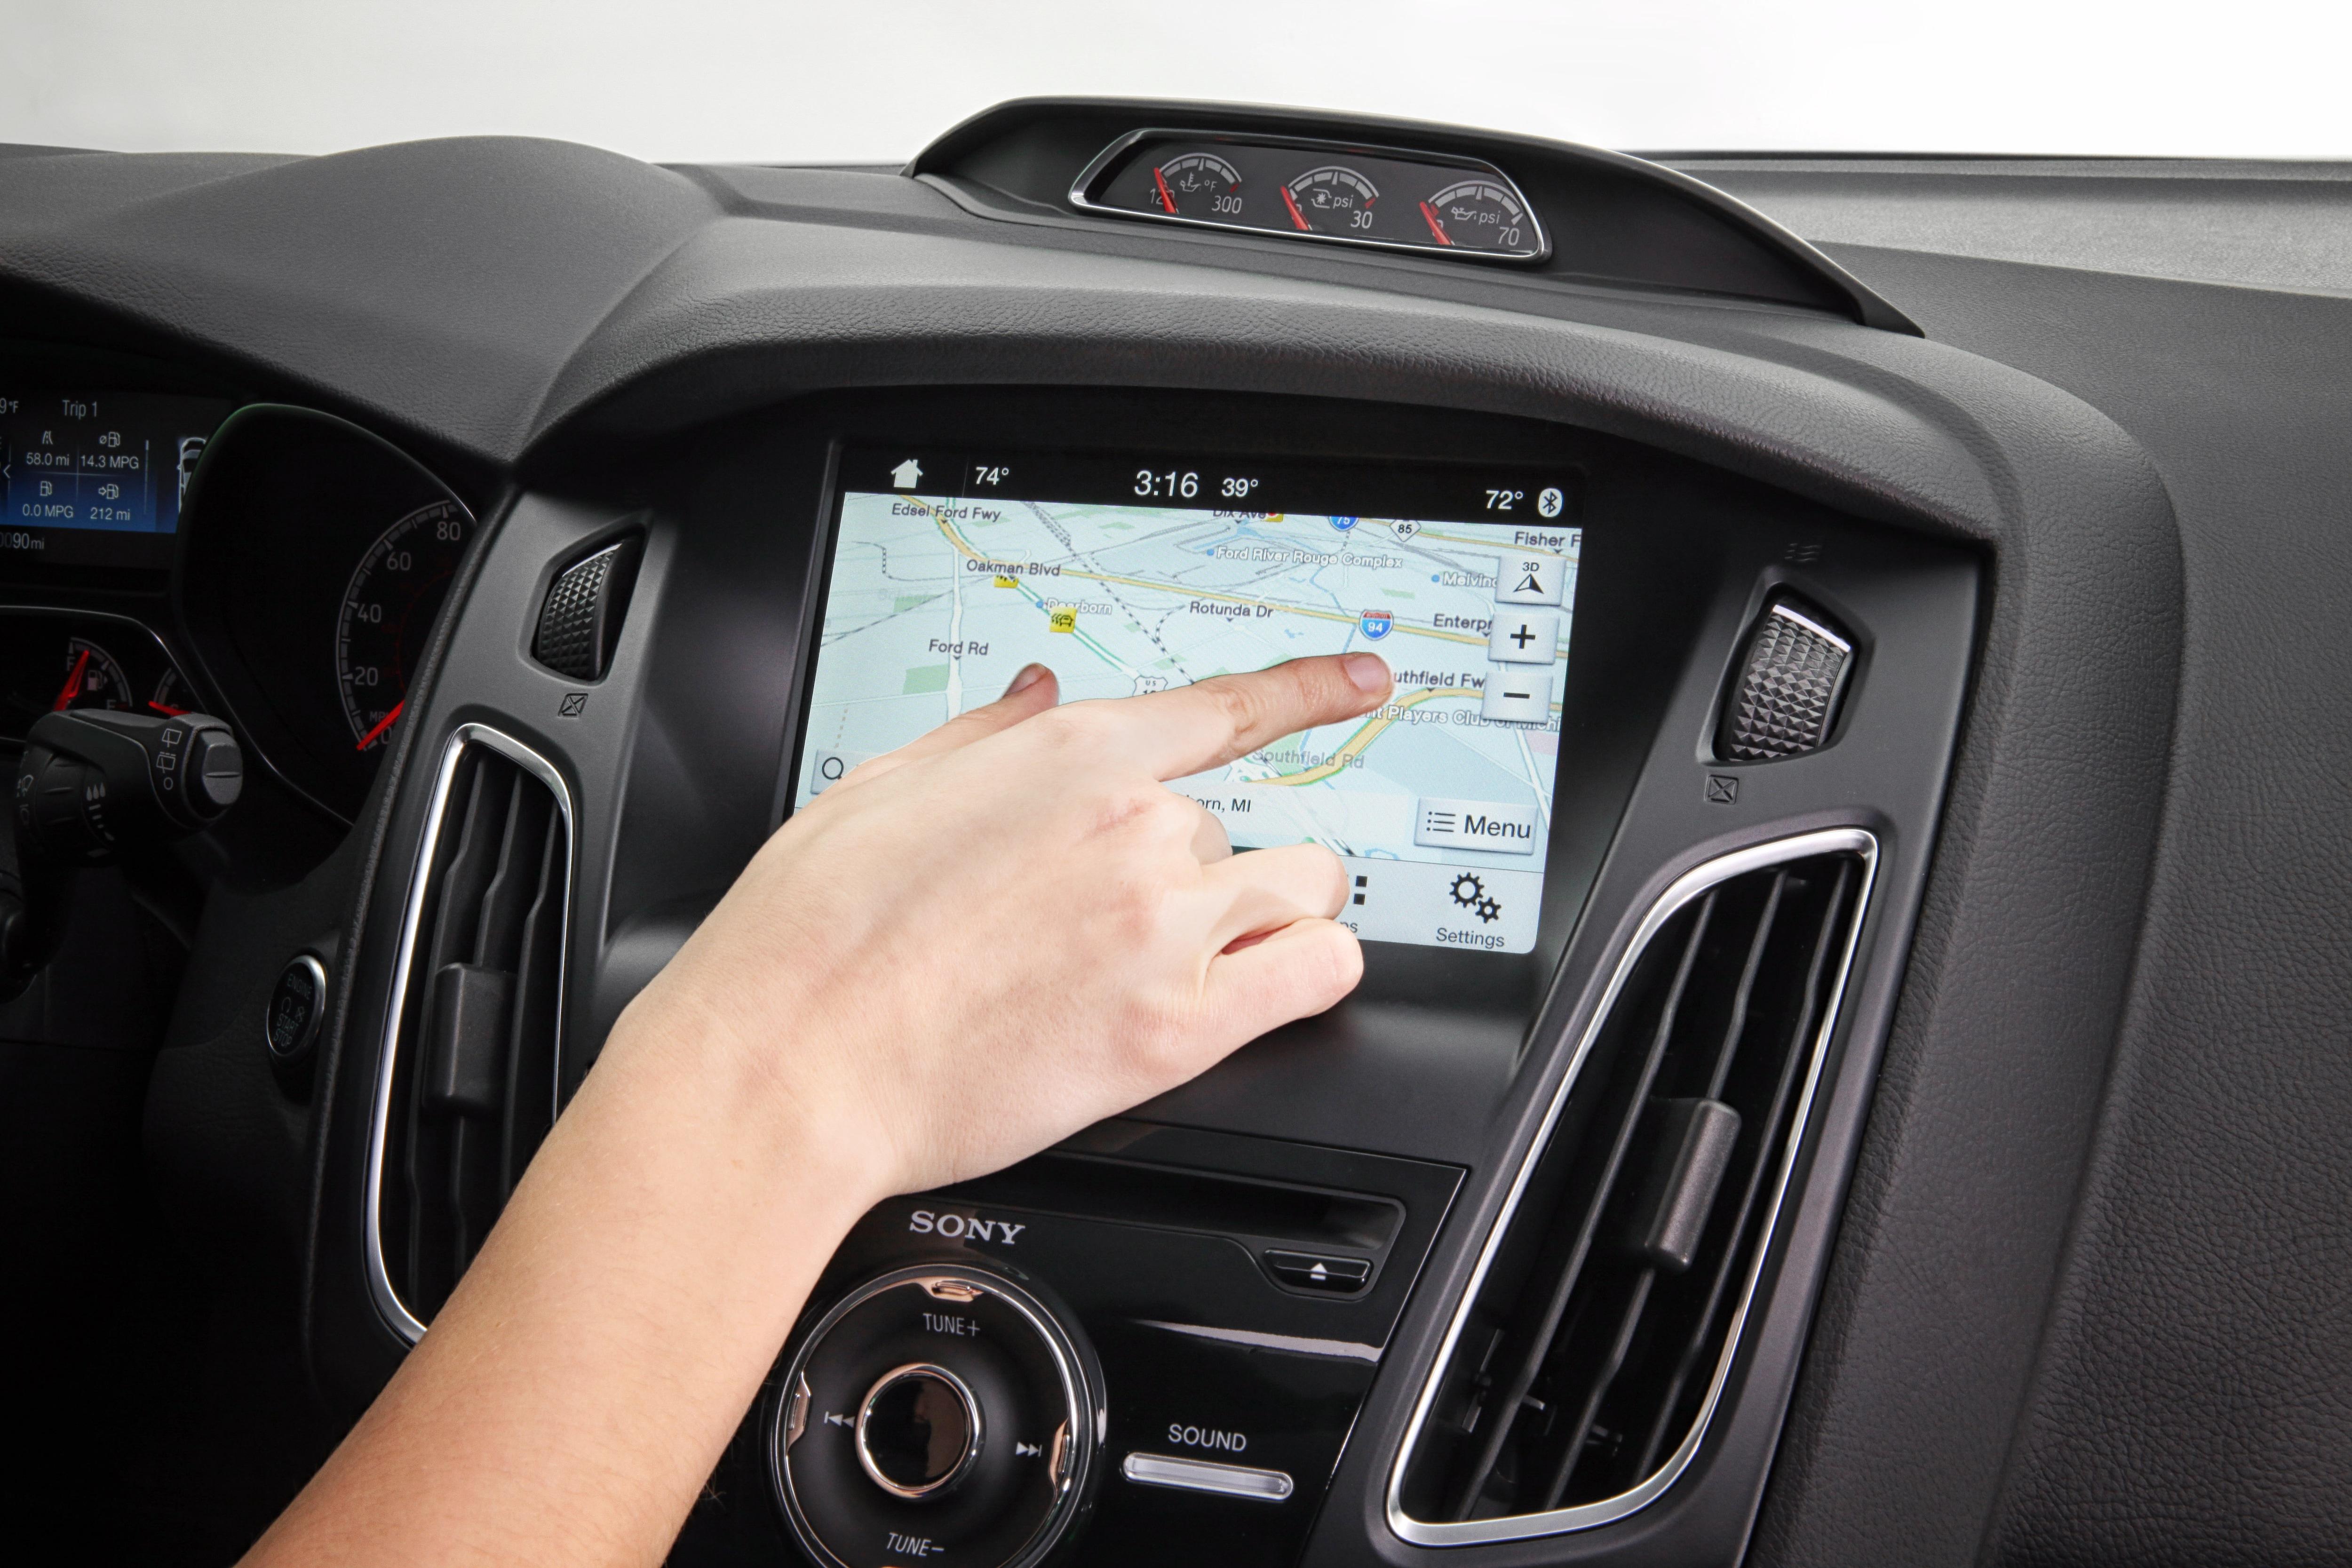 ford migliora android auto e apple carplay con sync 3 smartworld. Black Bedroom Furniture Sets. Home Design Ideas